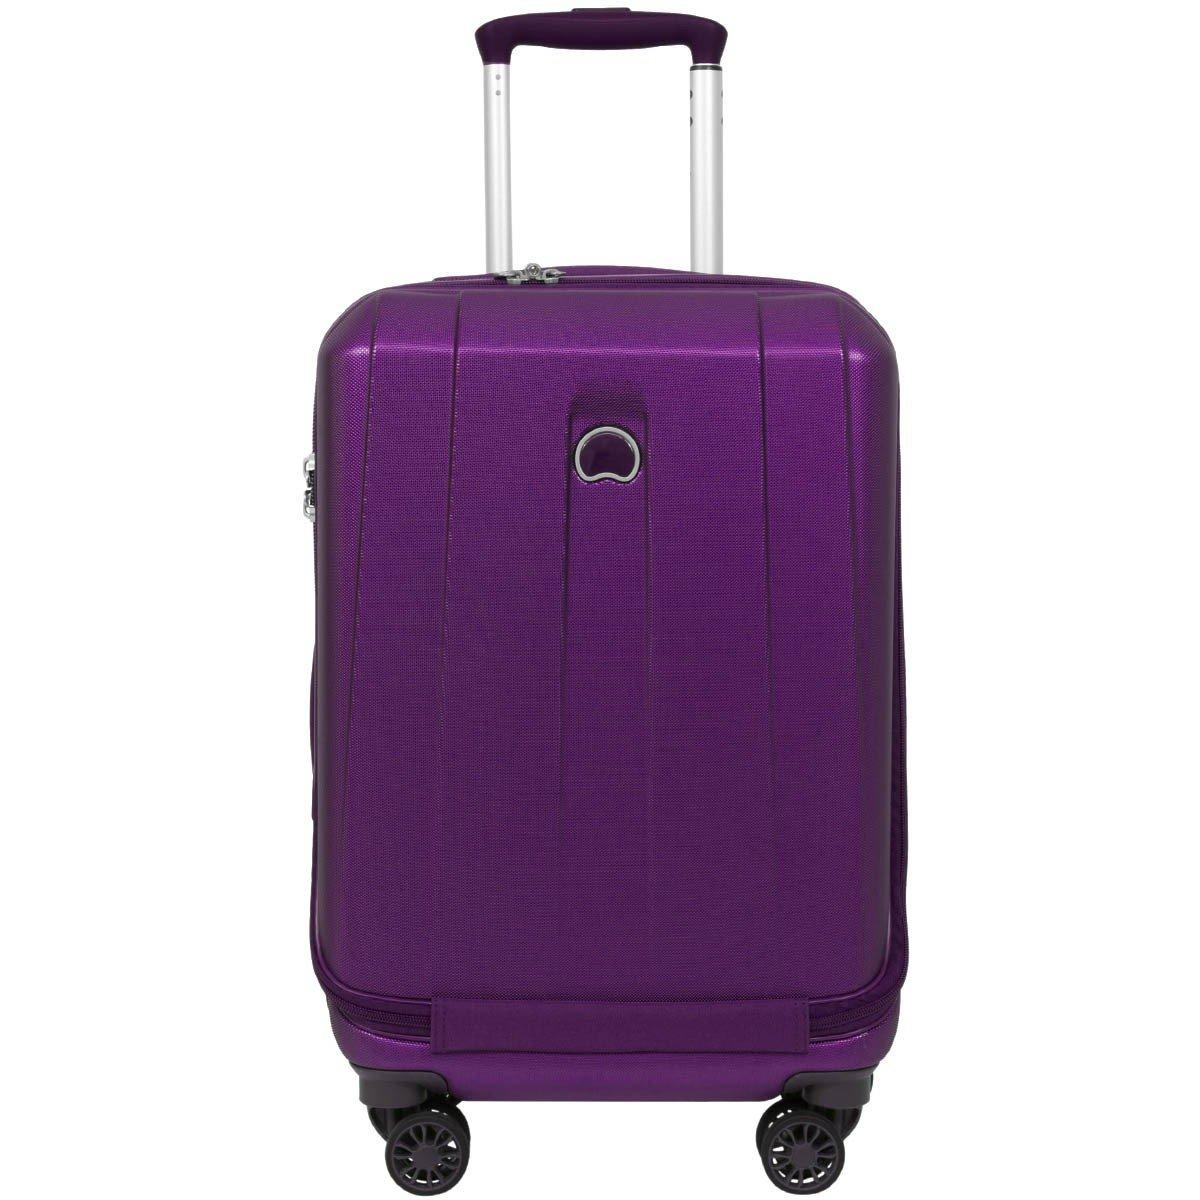 Delsey Helium Shadow Maleta de cabina a ruedas cm purple